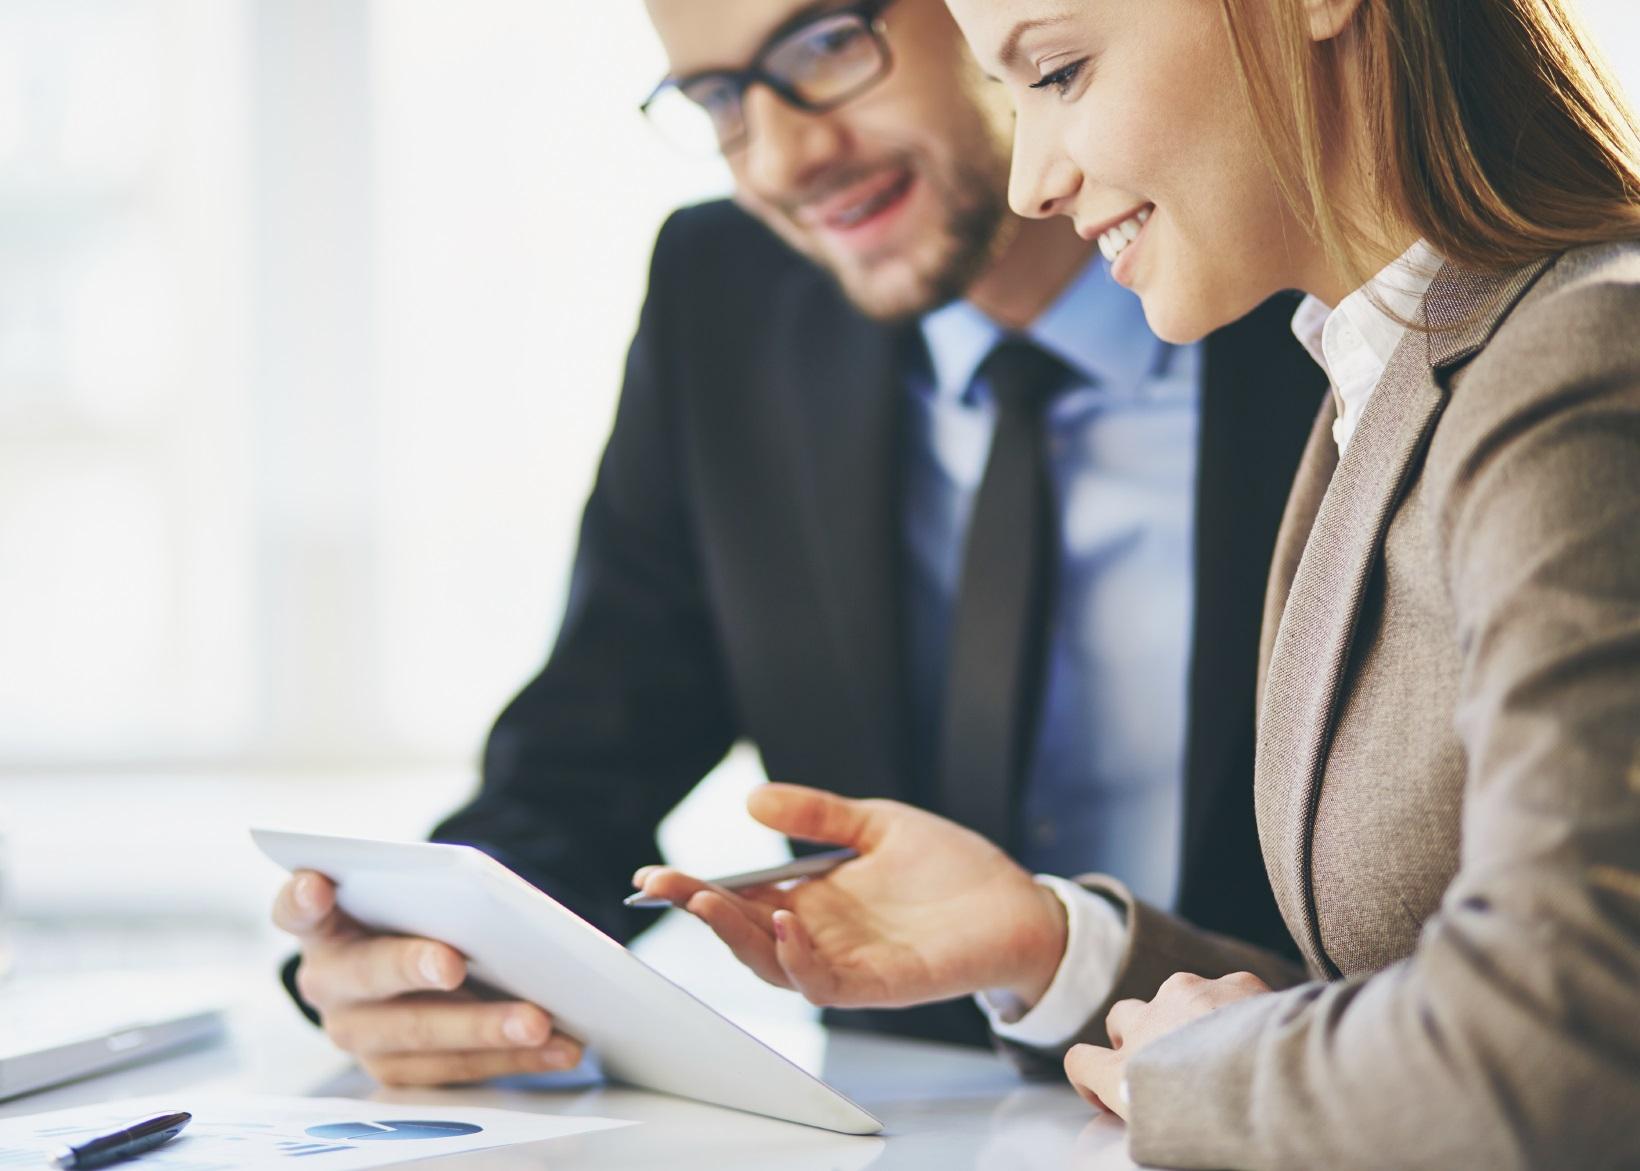 فرصة عمل مندوب أو مندوبة مبيعات وتسويق